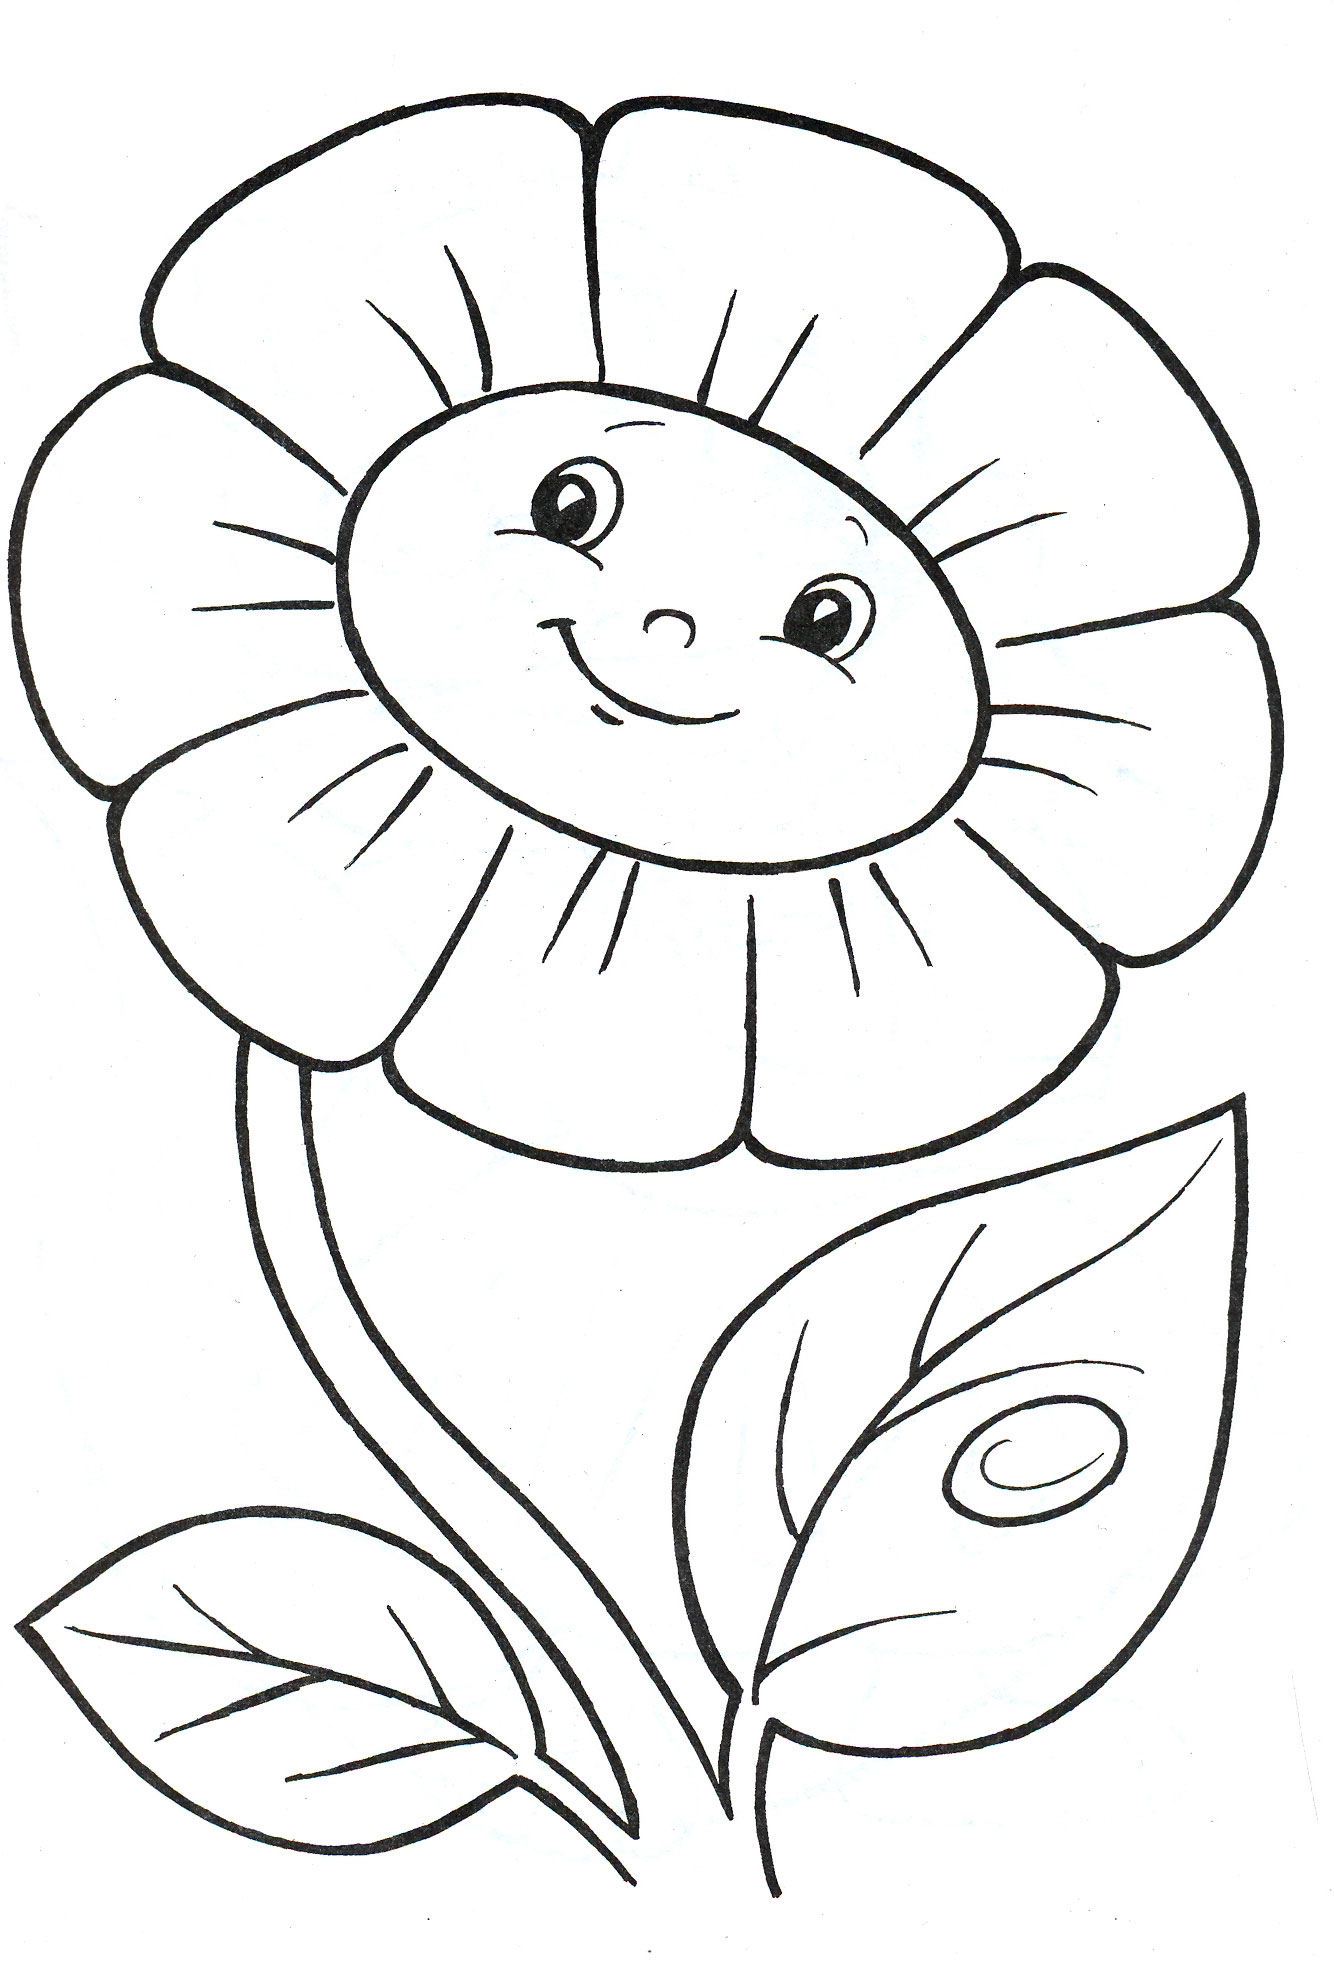 Раскраски для детей 2 3 лет распечатать - 9